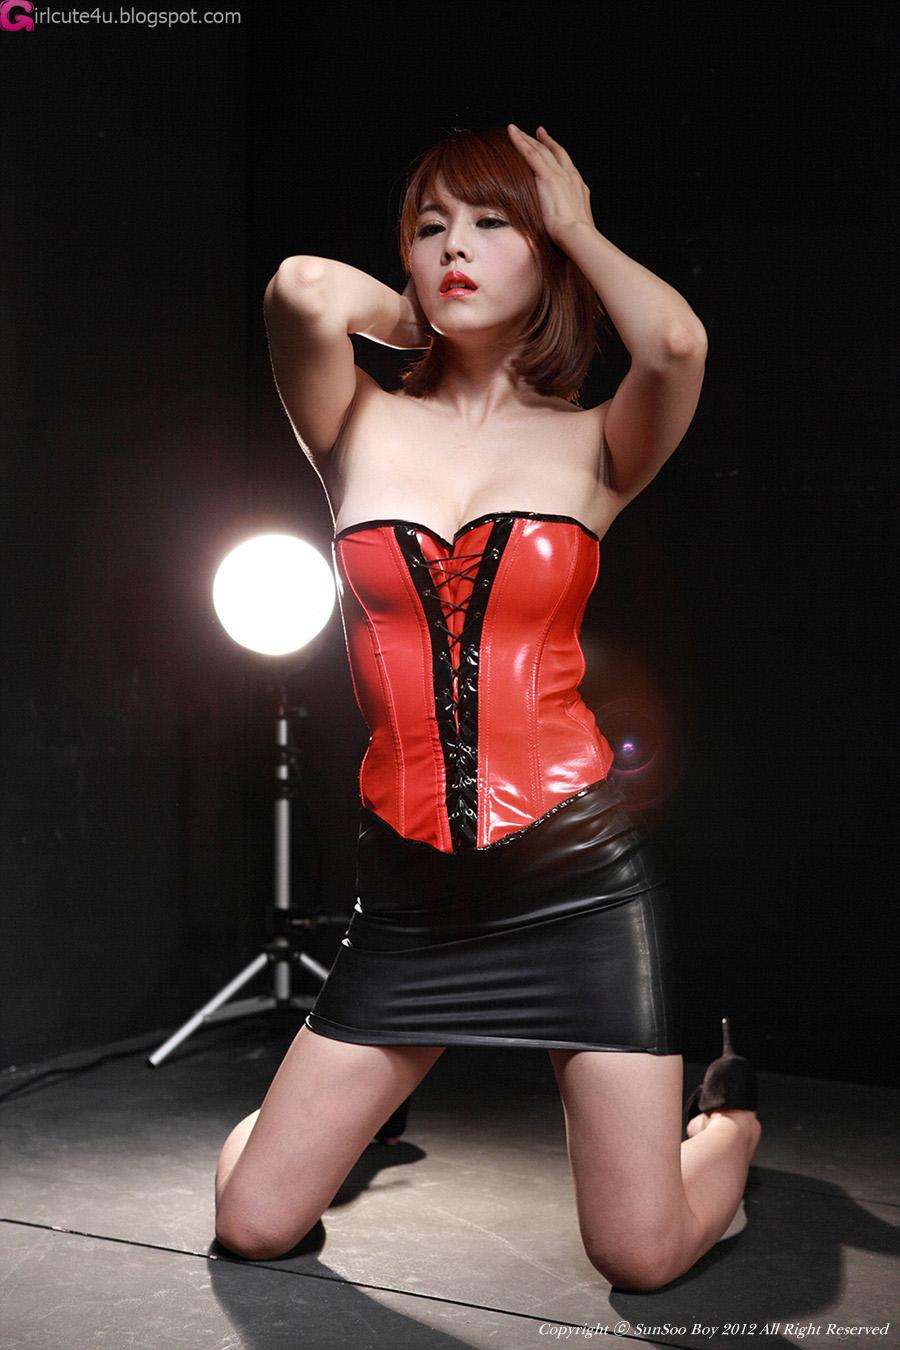 Girl korean sexy naked hot